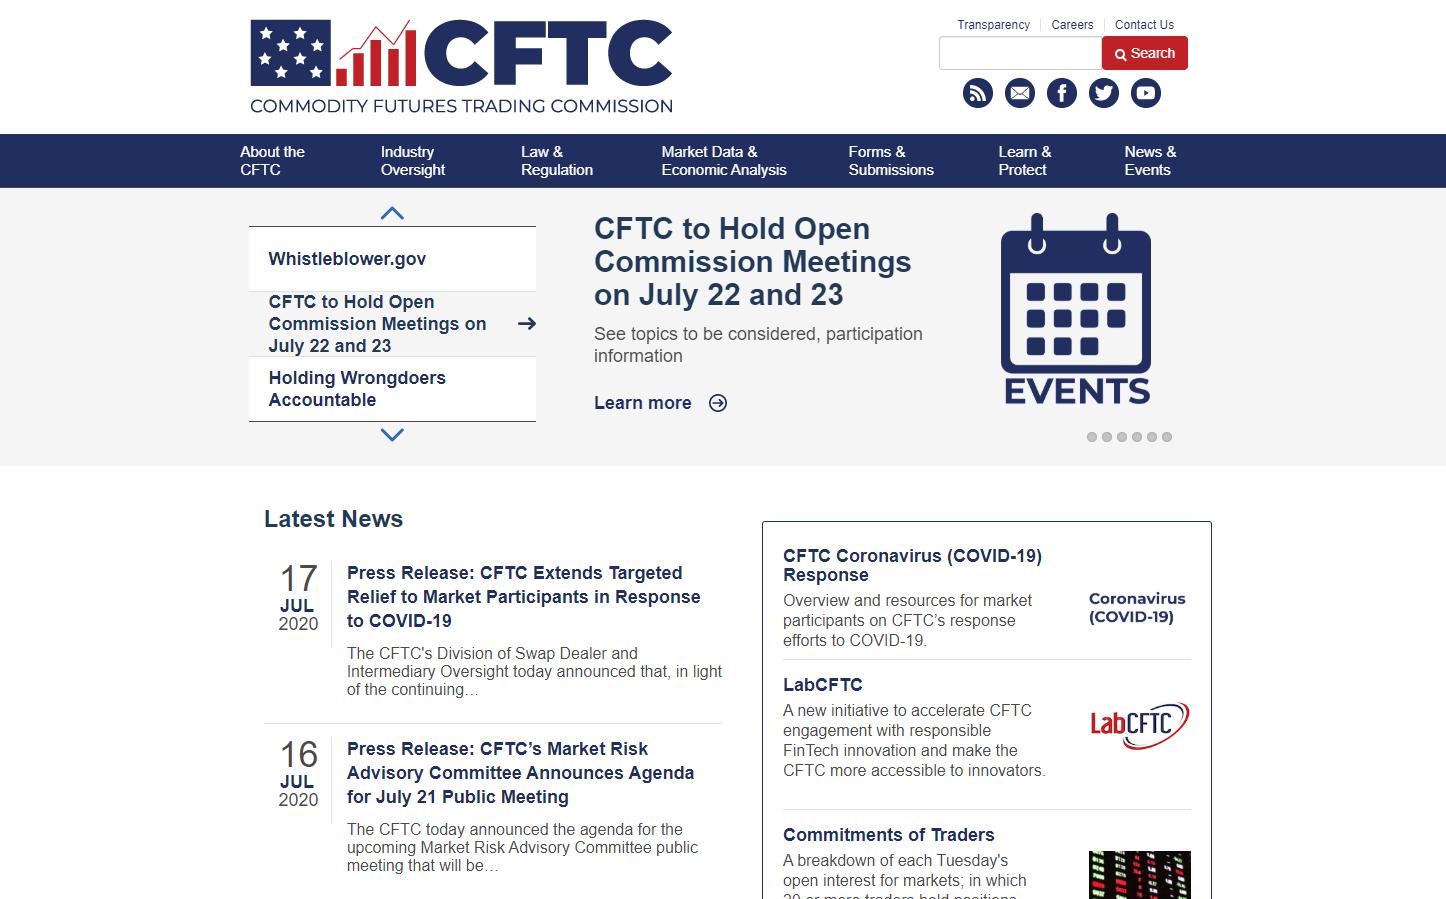 CFTC Webseite